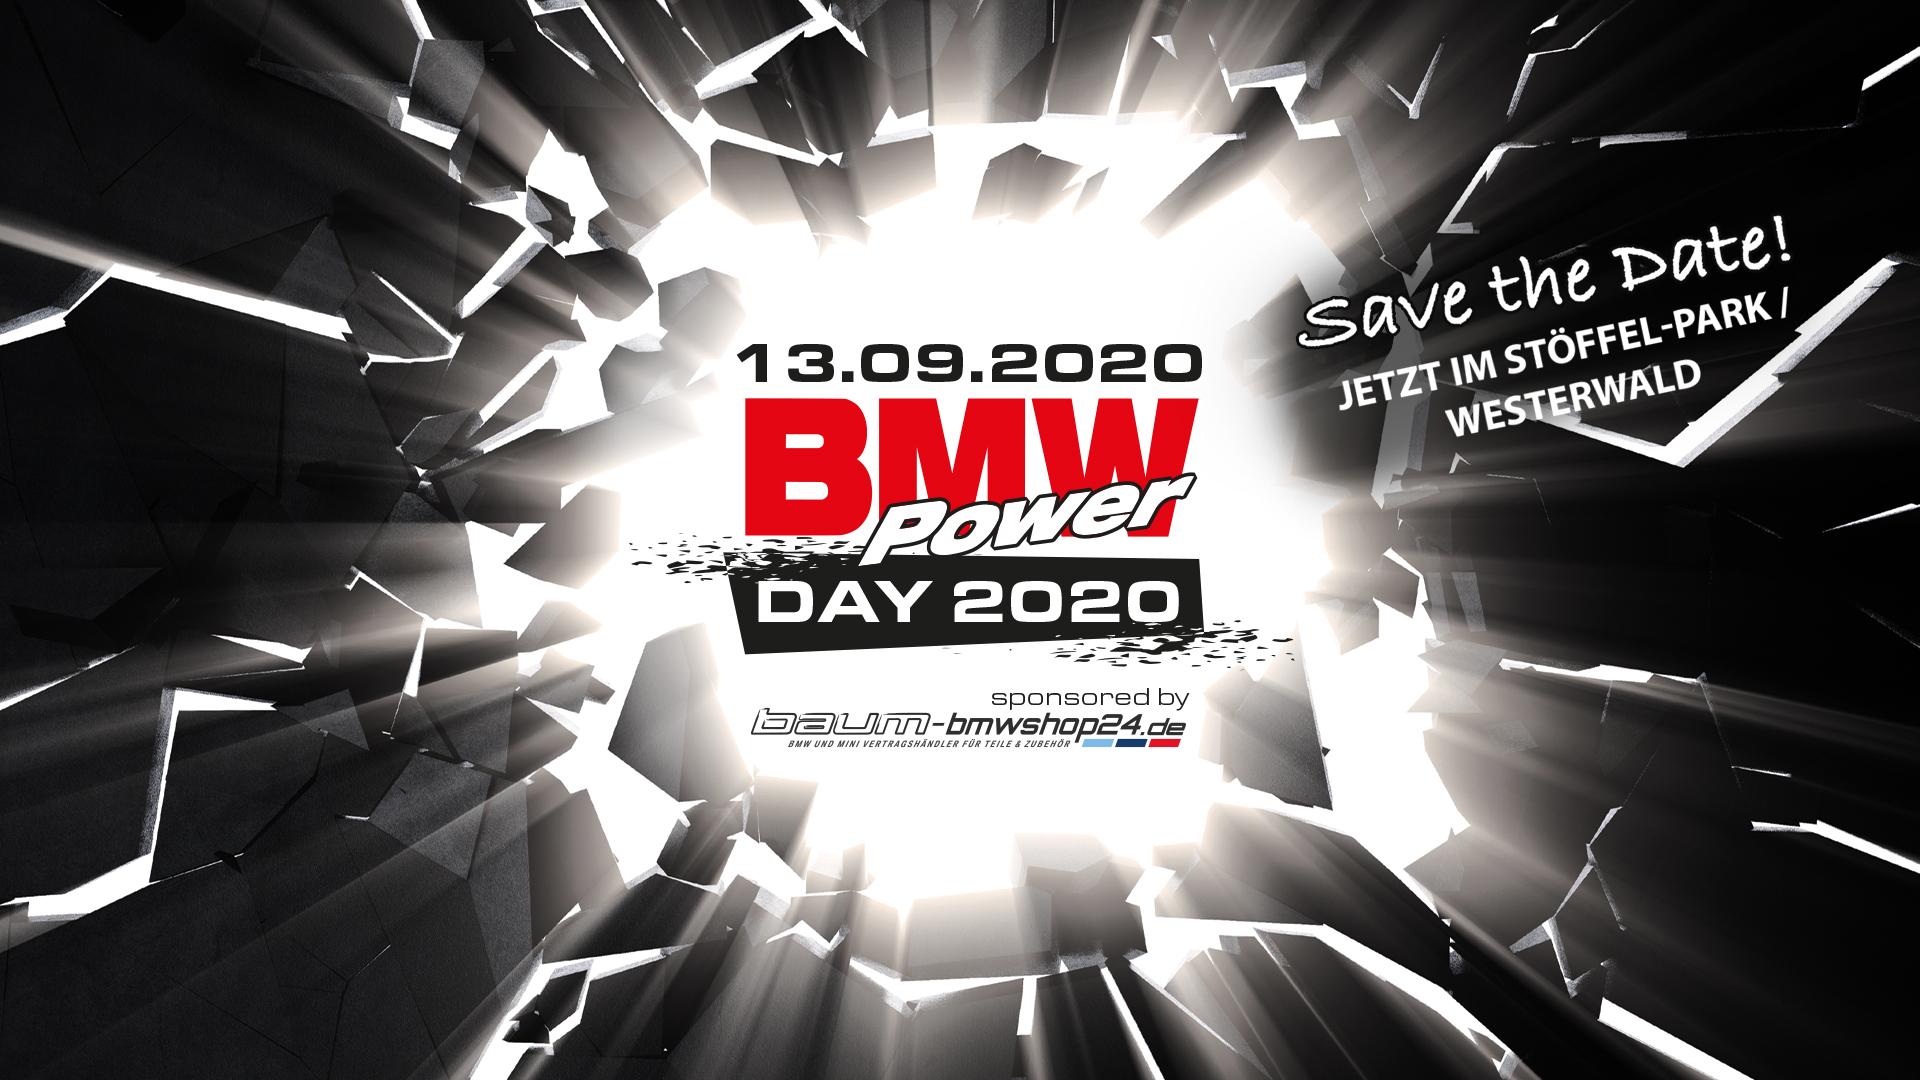 BMW POWER DAY